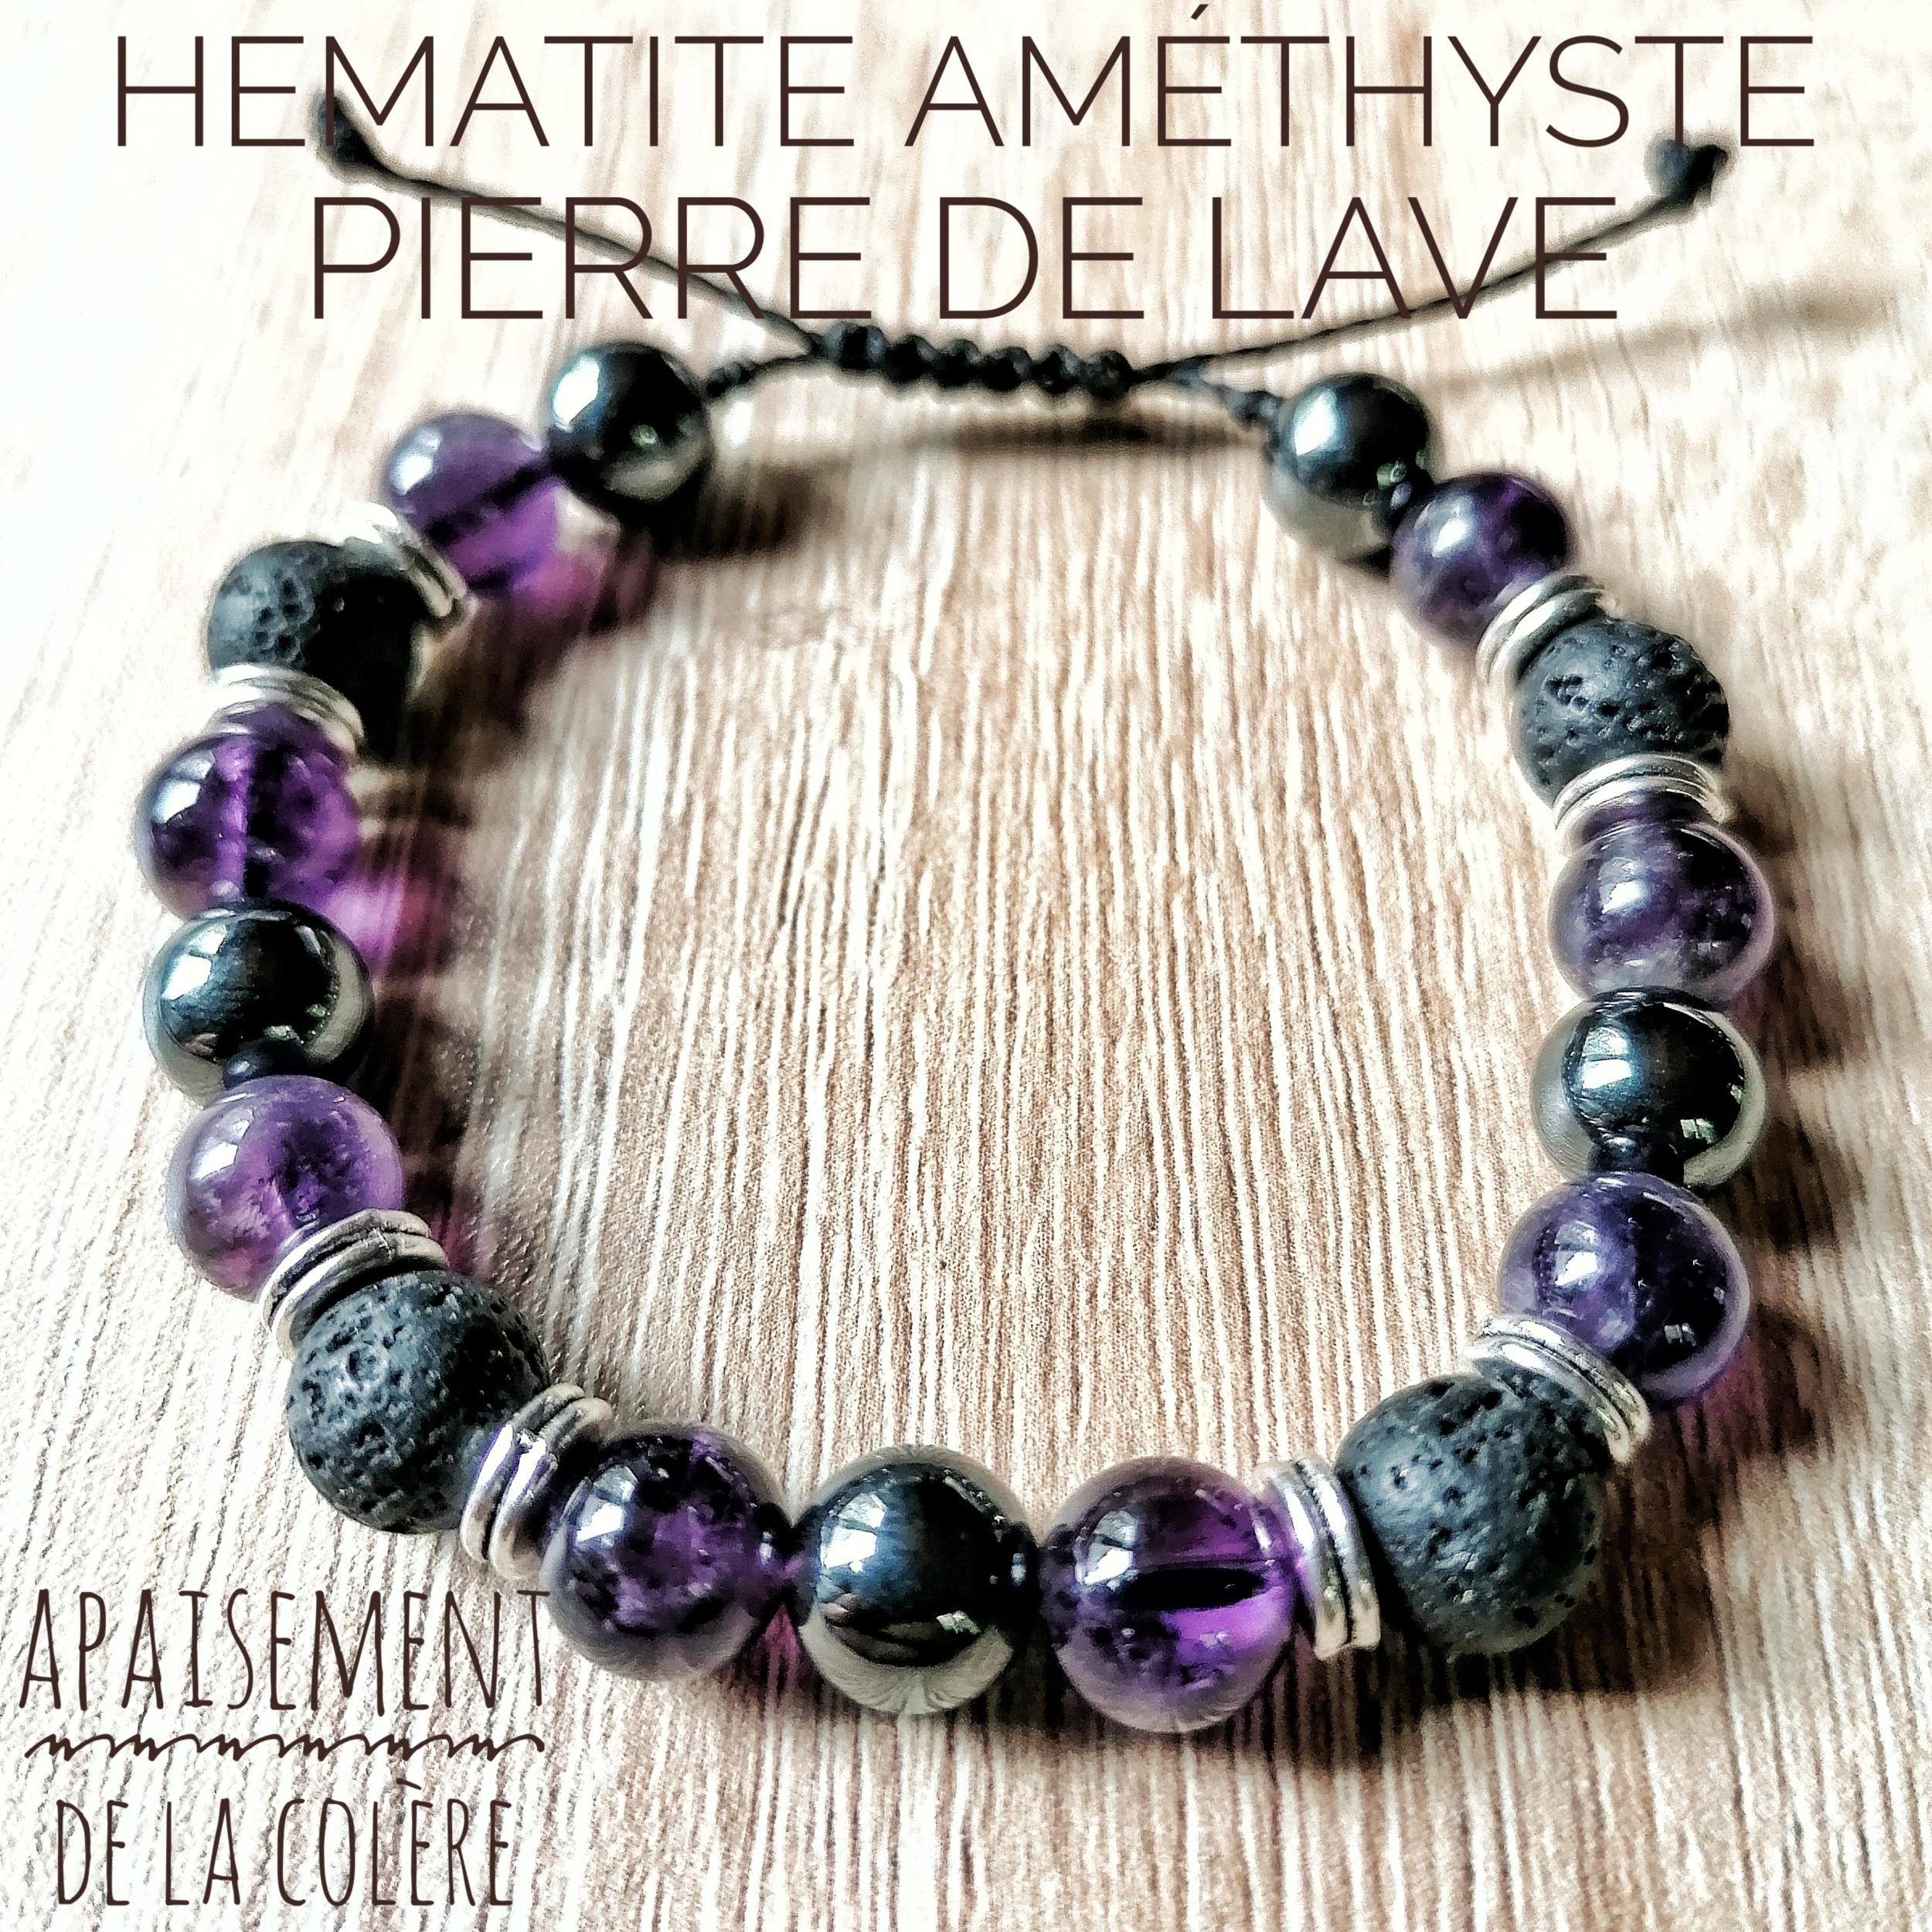 Bracelet Apaisement de la colère Améthyste, Pierre de lave & Hématite